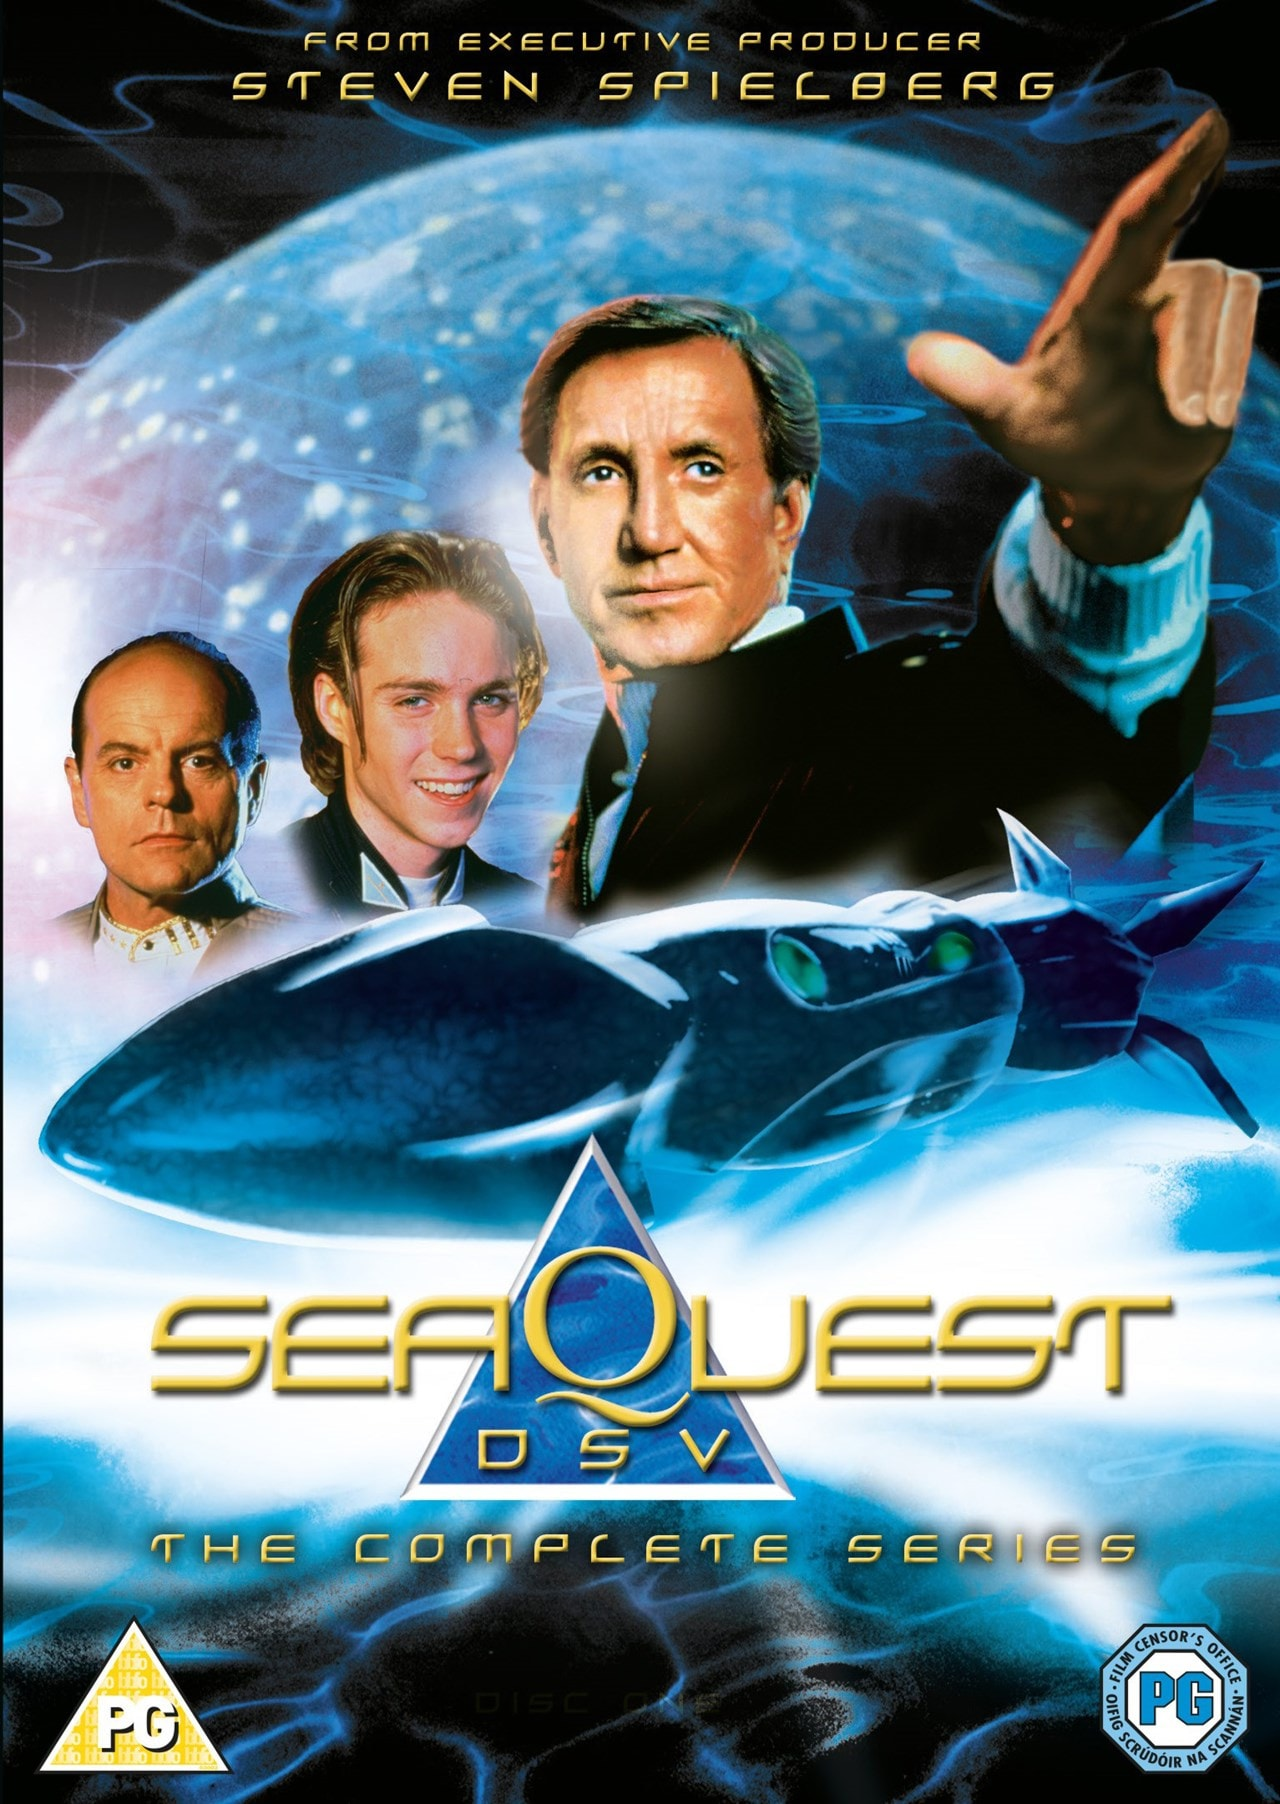 Seaquest DSV: The Complete Series - 1